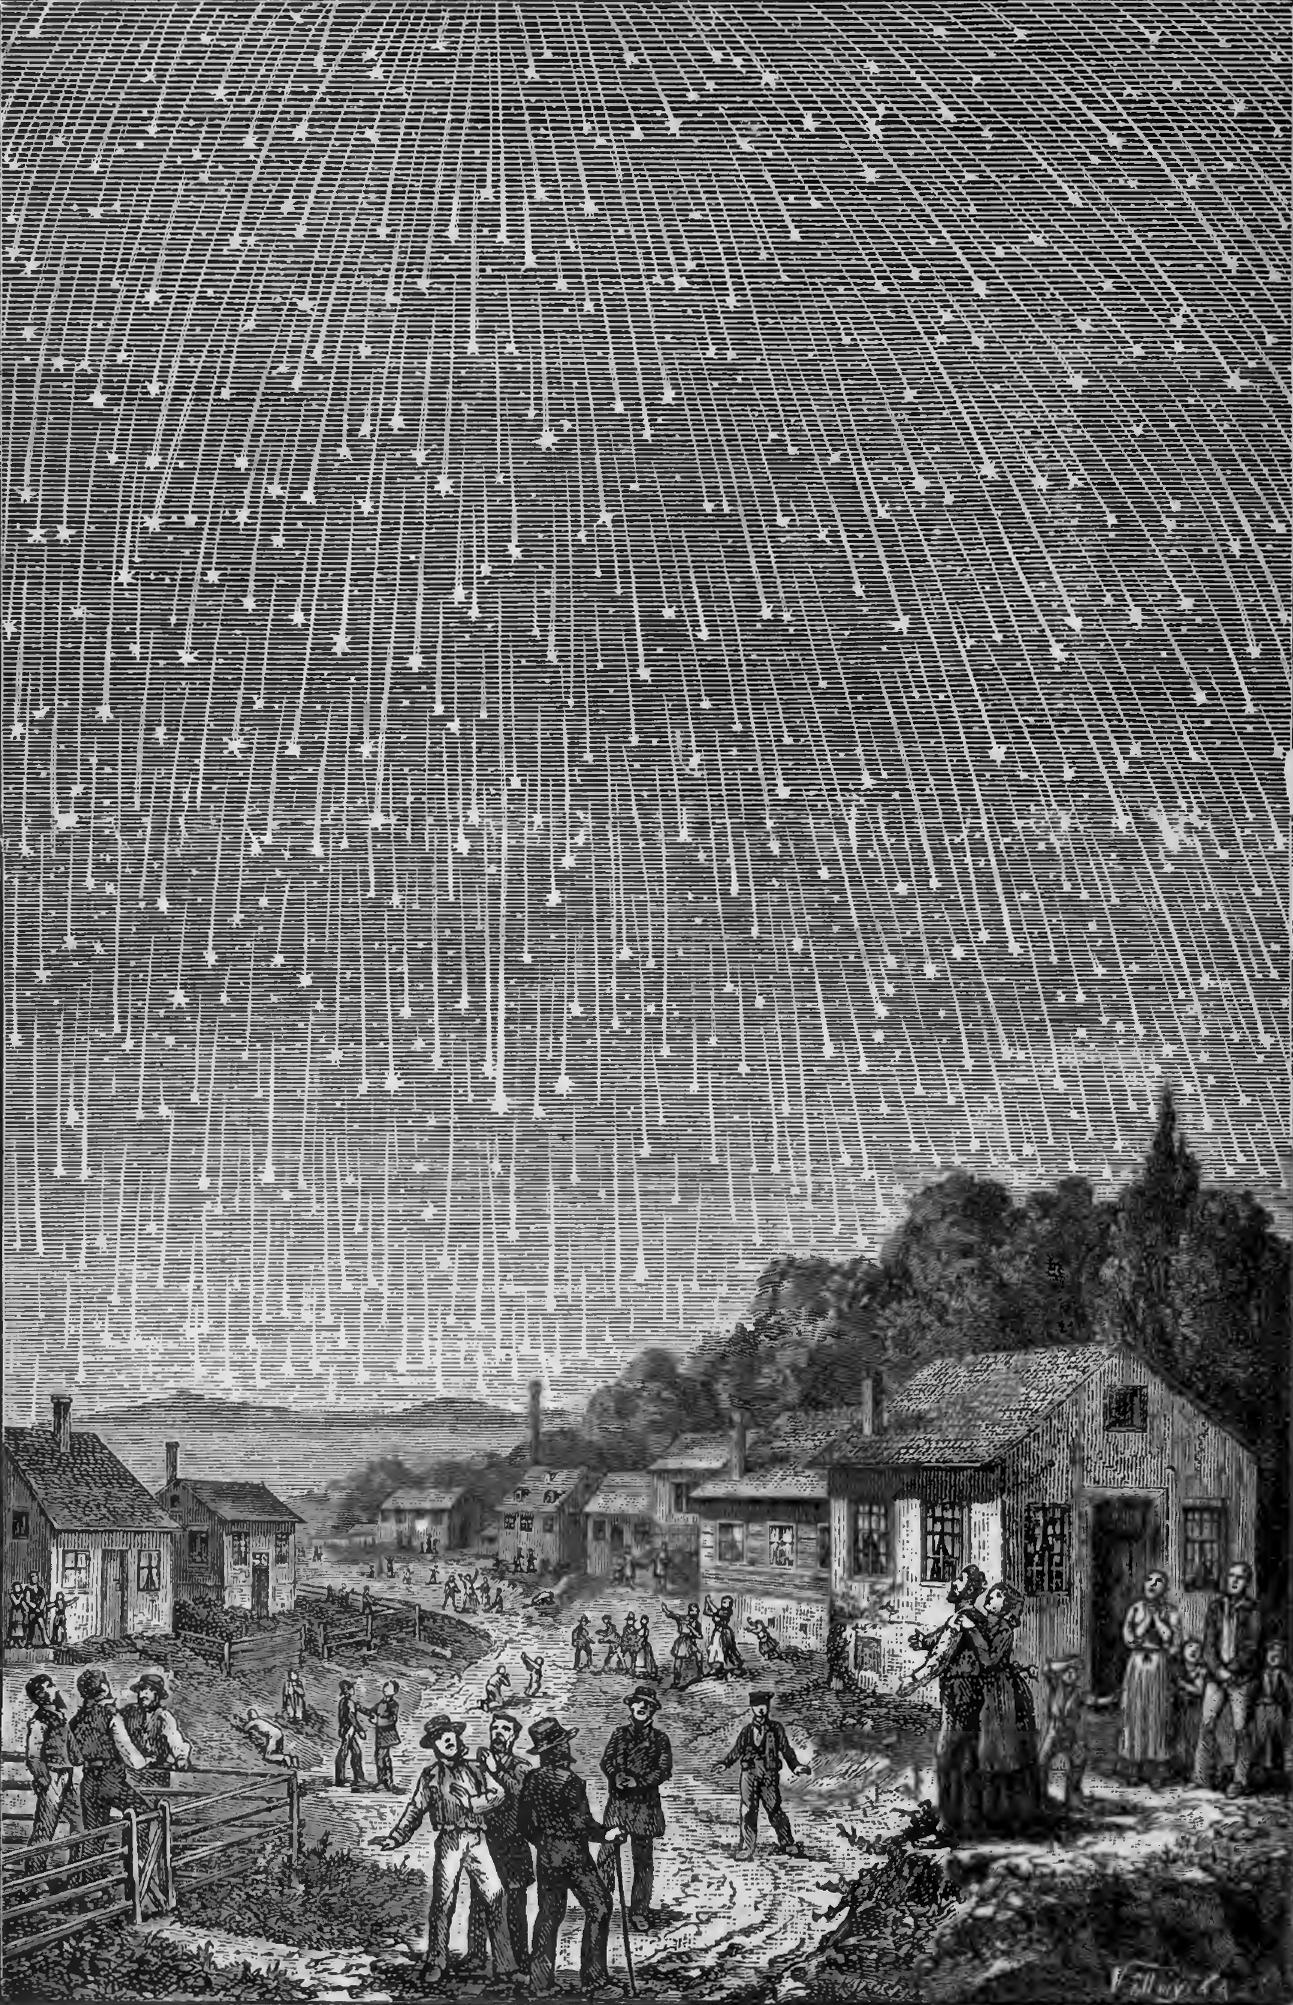 1833 Leonid meteor storm